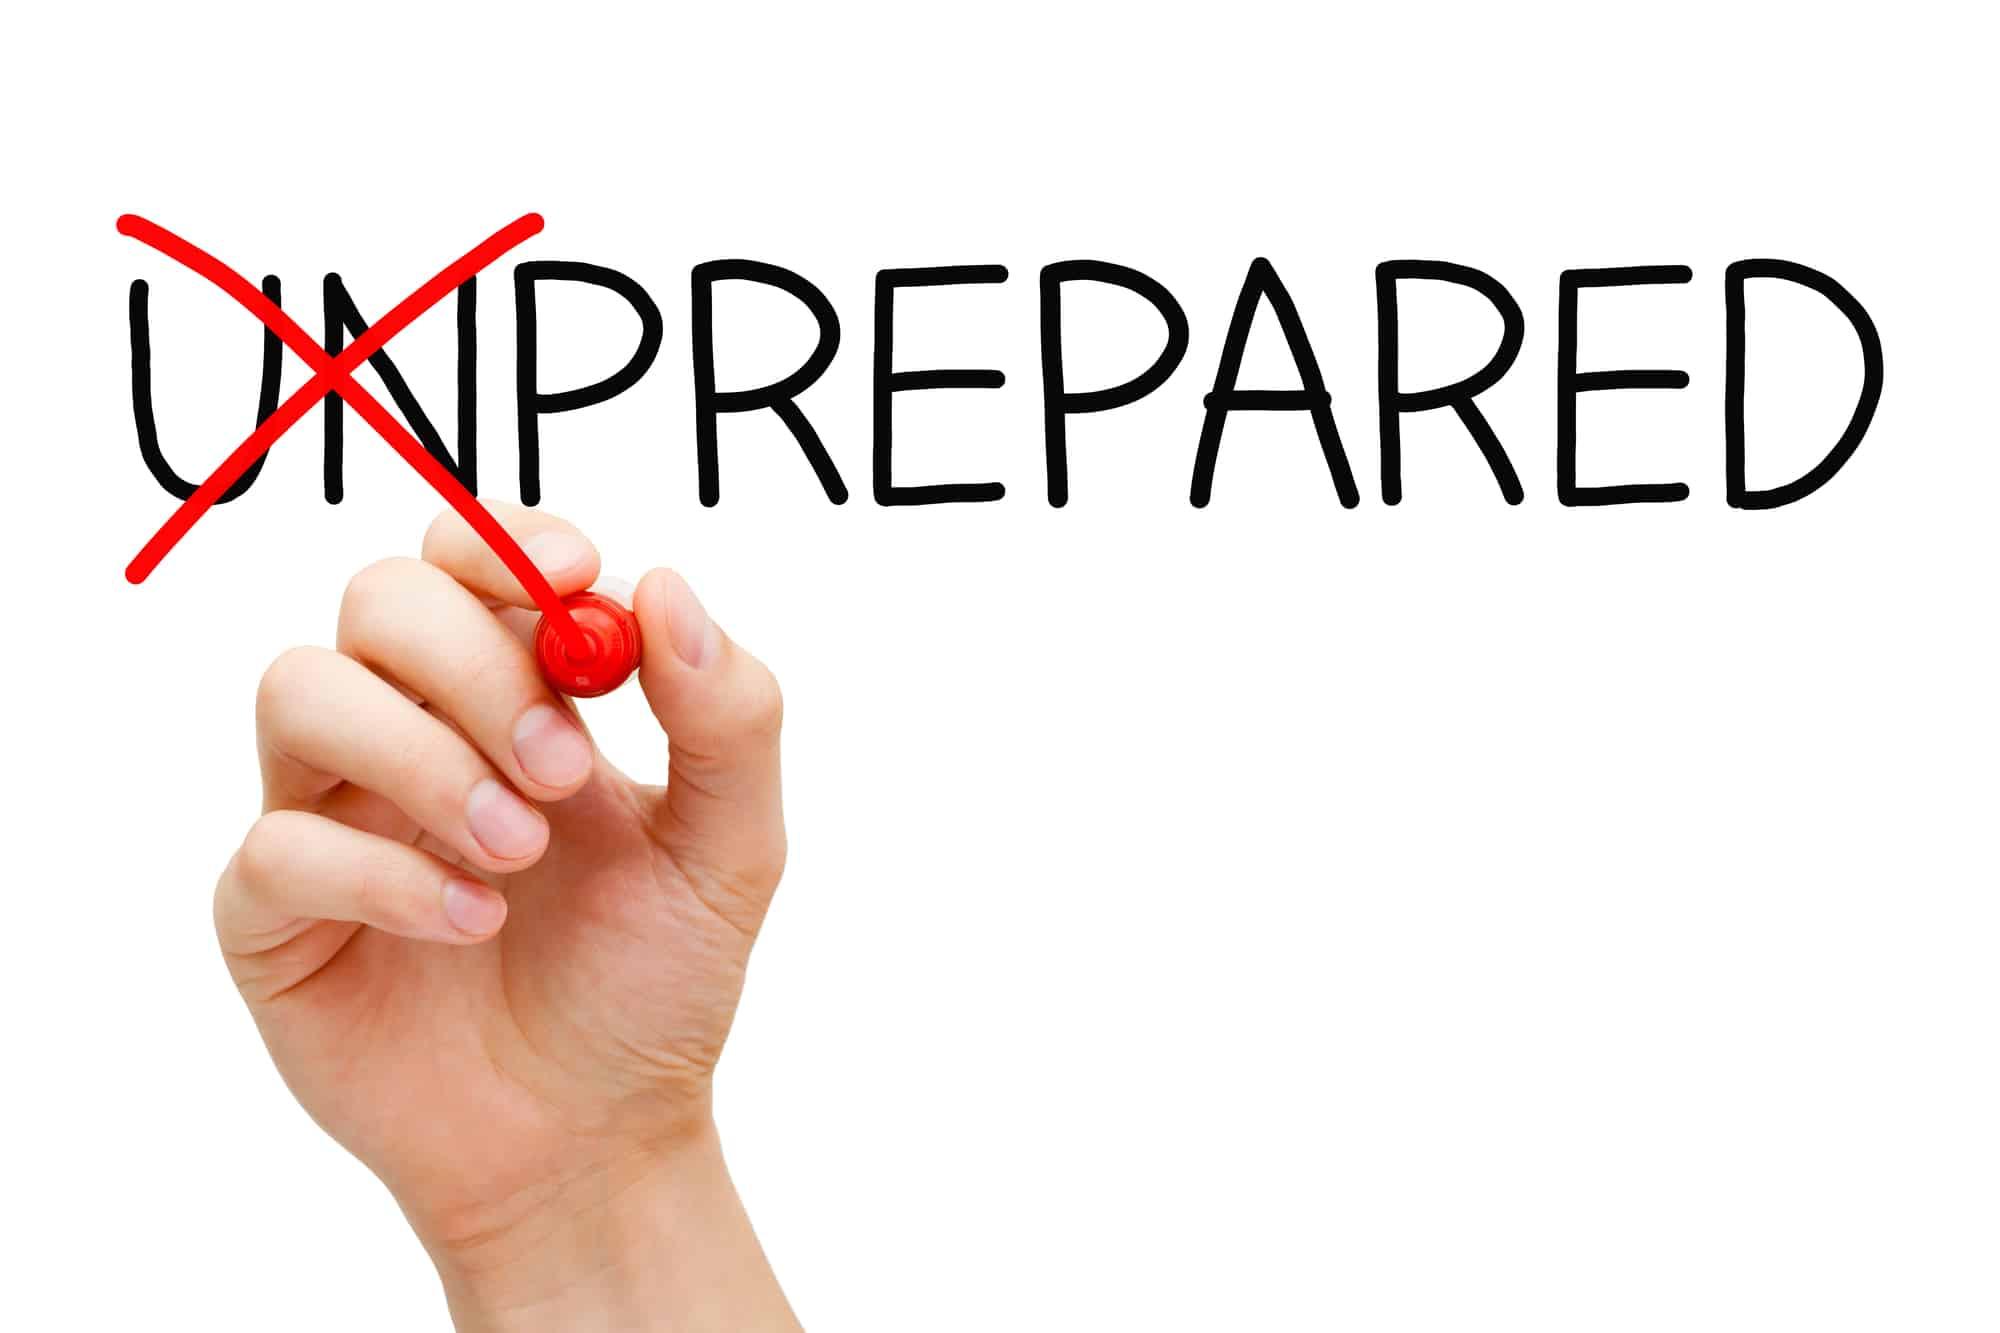 prepared vs unprepared